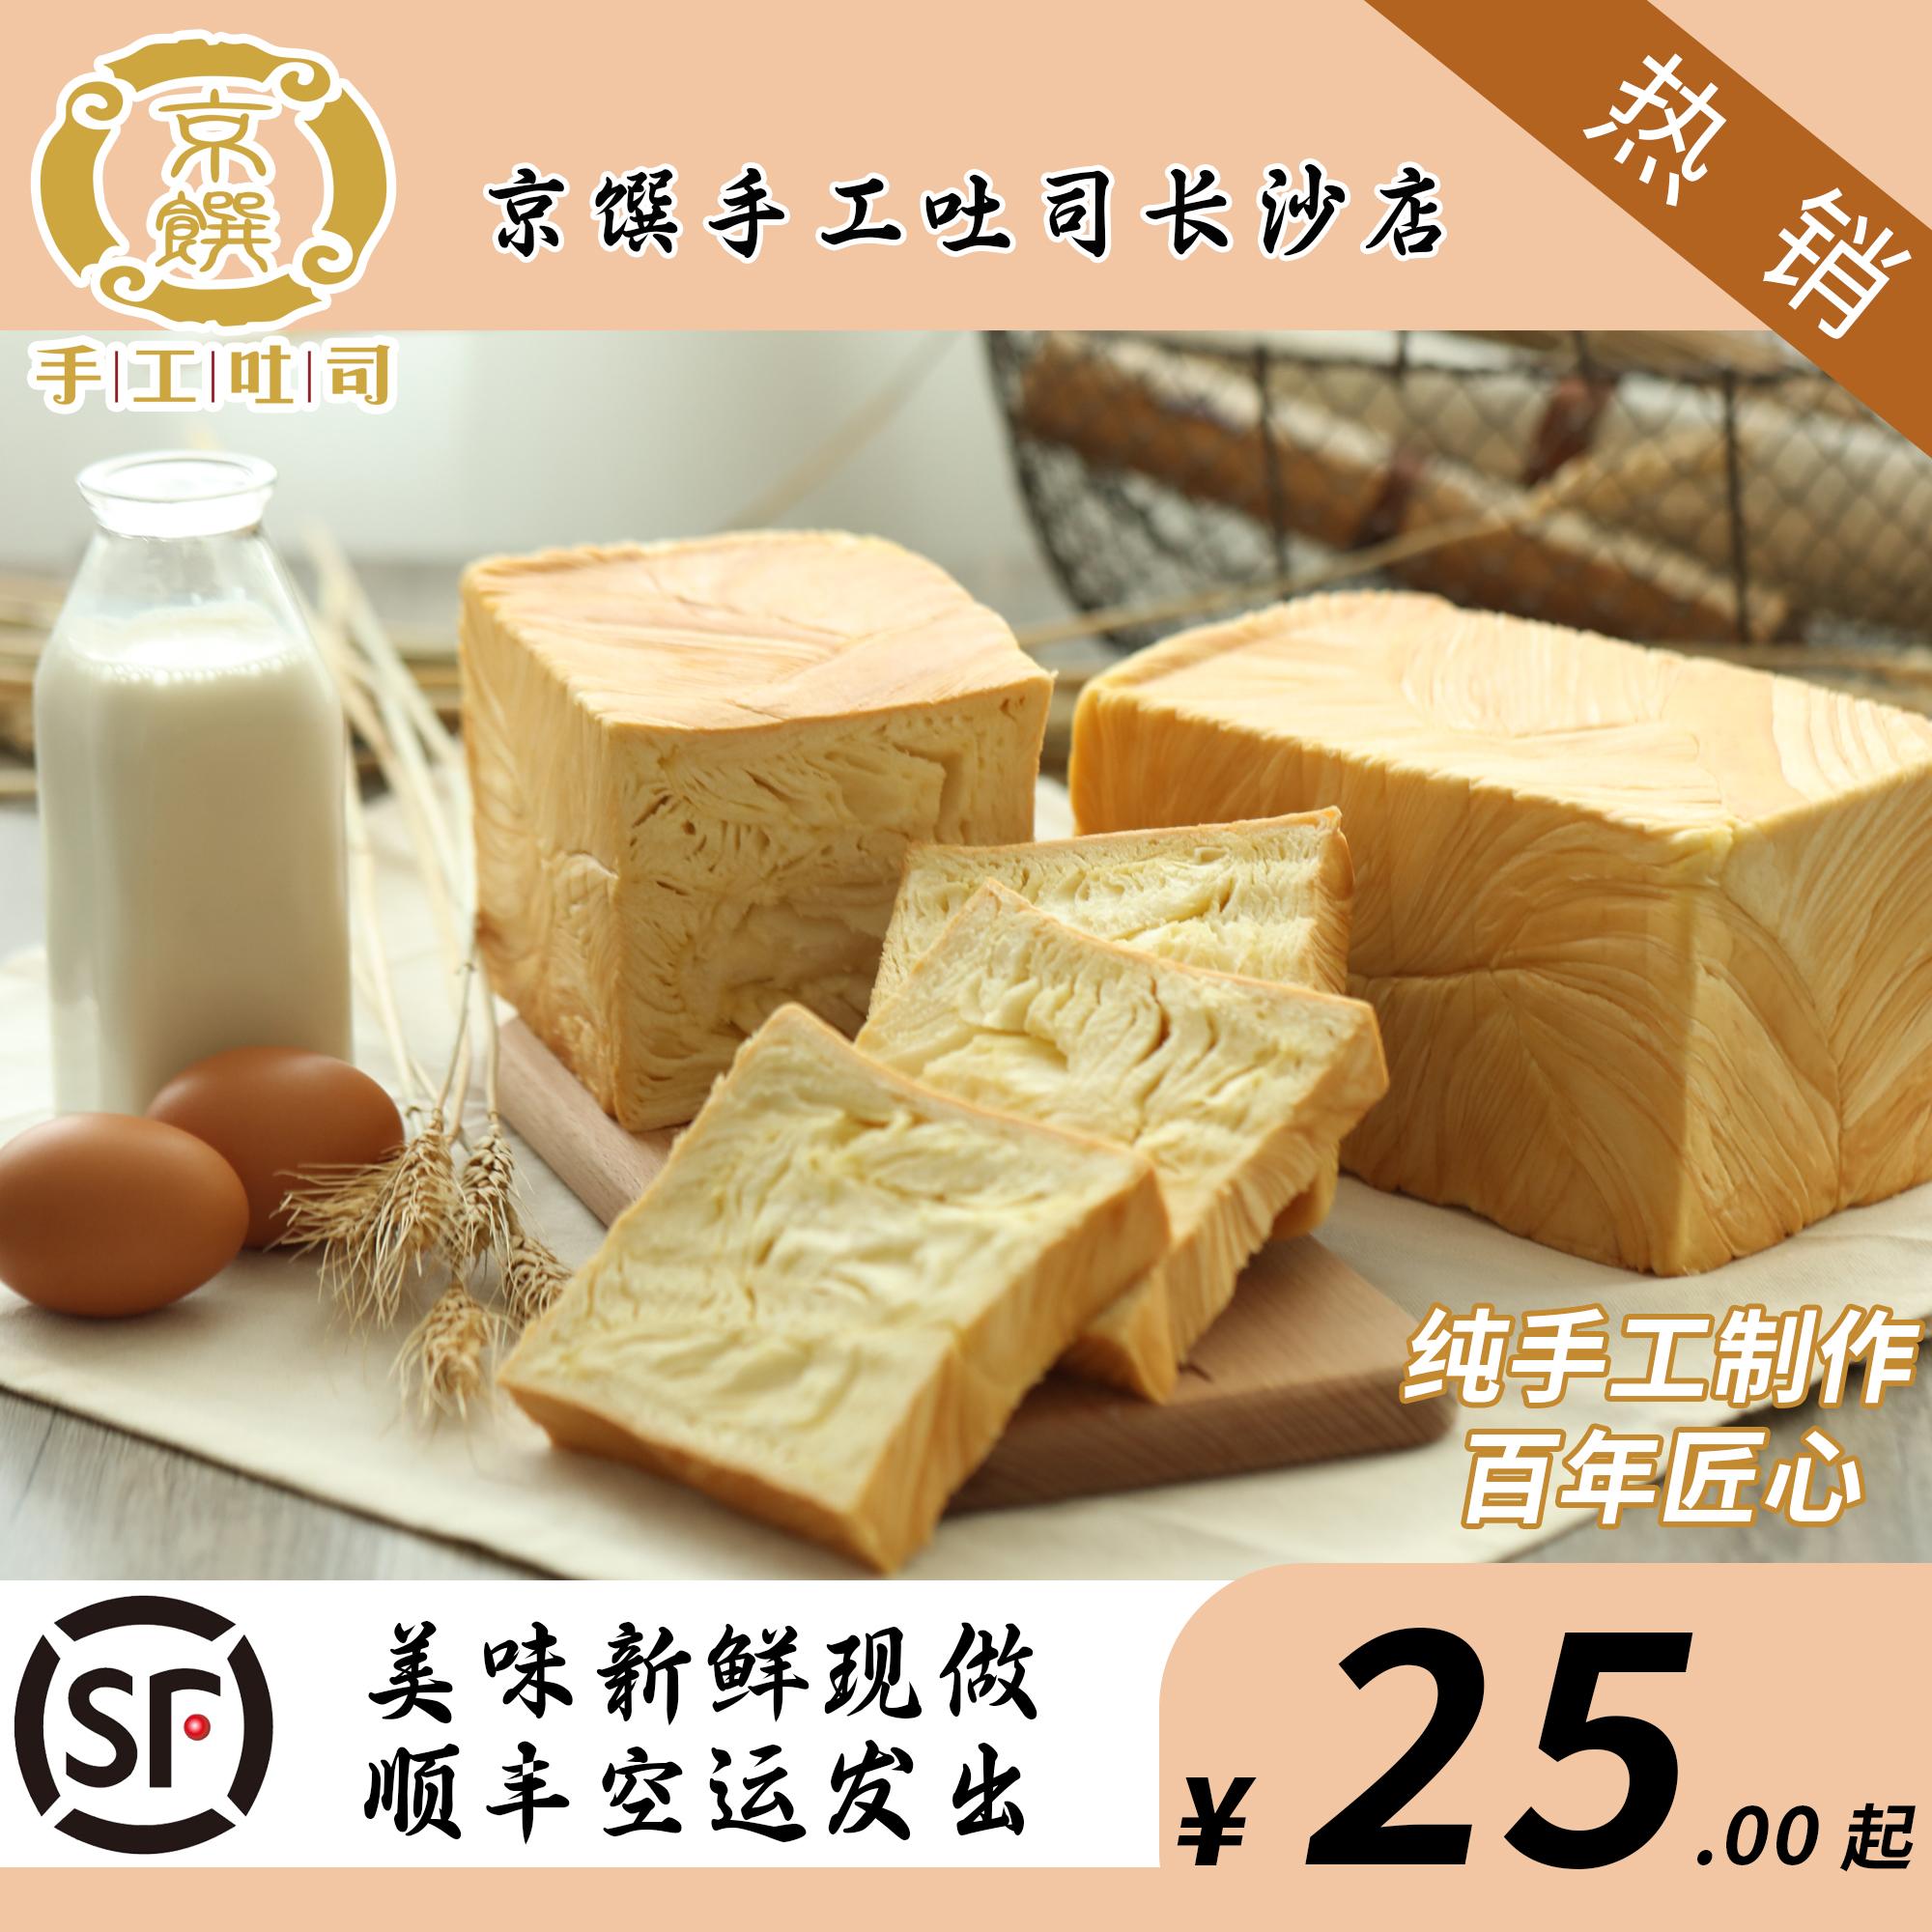 Changsha shop is now doing baking Bay Jingyi pure handmade toast milk thick cut bread full of 88 yuan Shunfeng